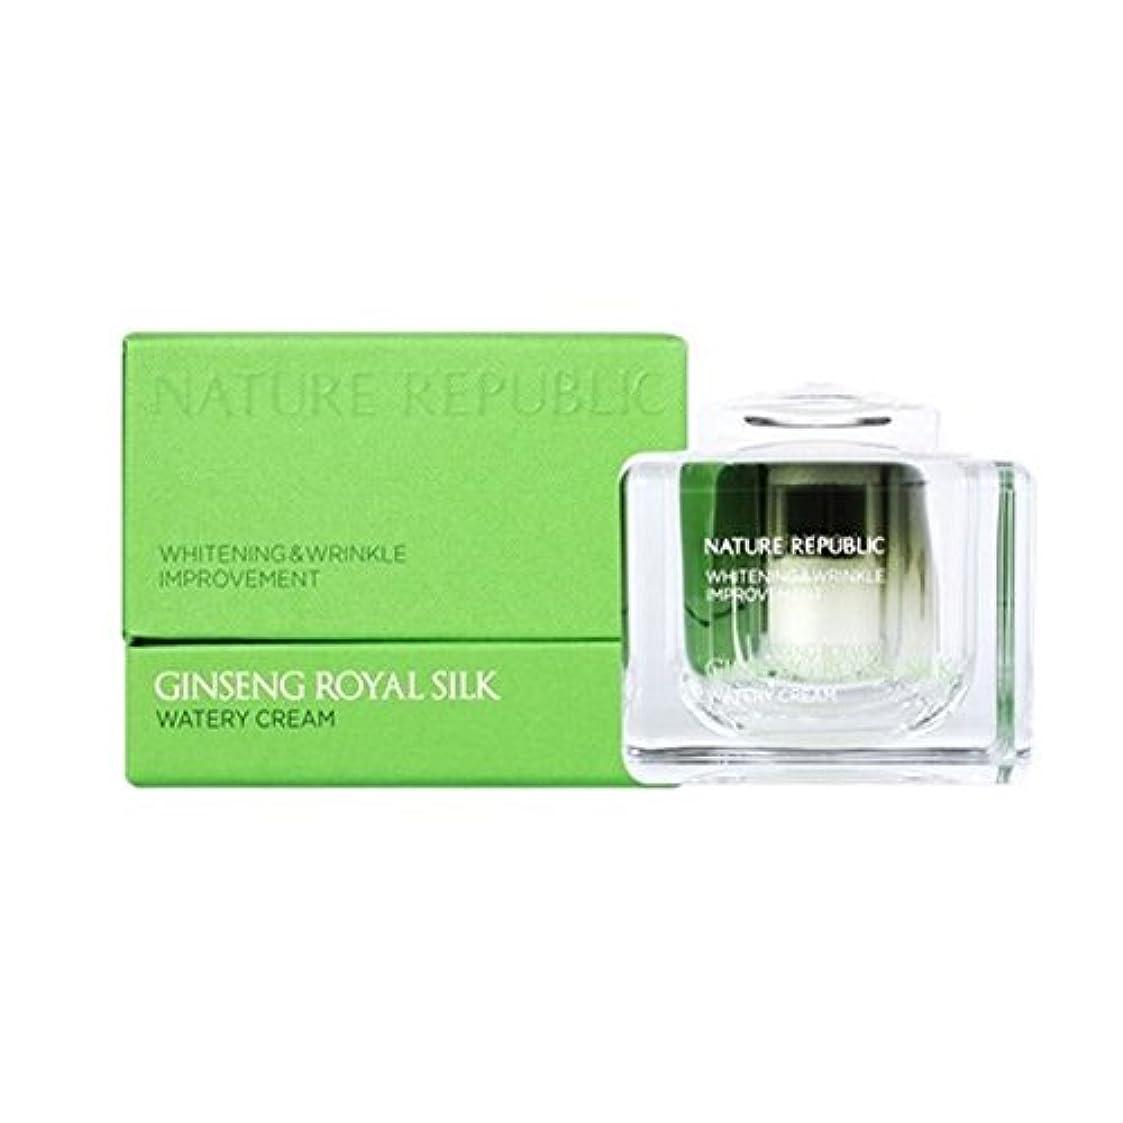 法廷思慮深い実証するネイチャーリパブリック(NATURE REPUBLIC)ジンセンロイヤルシルクウォトリクリーム 60ml NATURE REPUBLIC Ginseng Royal Silk Watery Cream 60ml [並行輸入品]